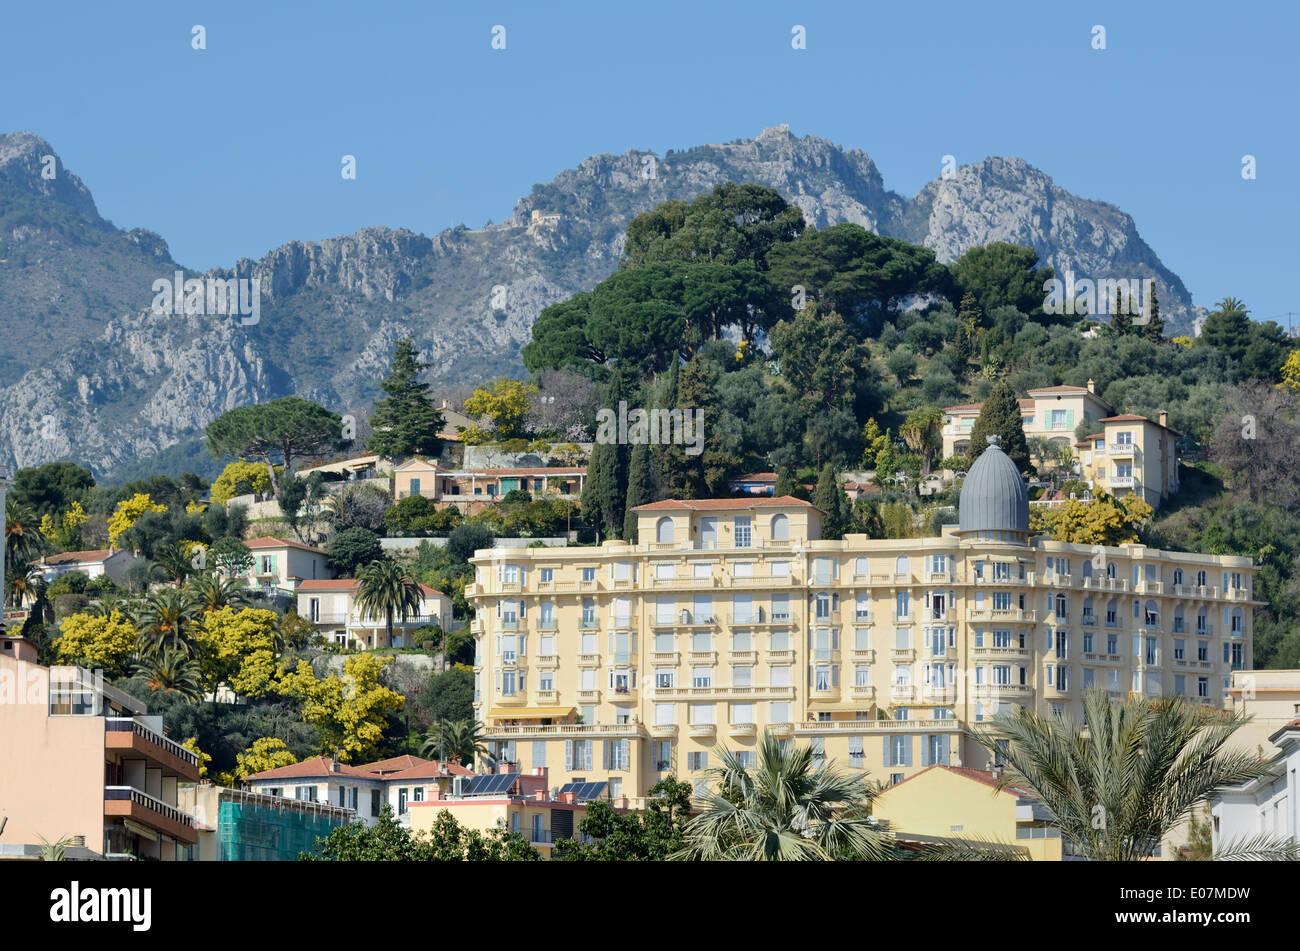 Architecture Belle époque et des Alpes ou paroi rocheuse derrière Menton Alpes-Maritimes France Photo Stock